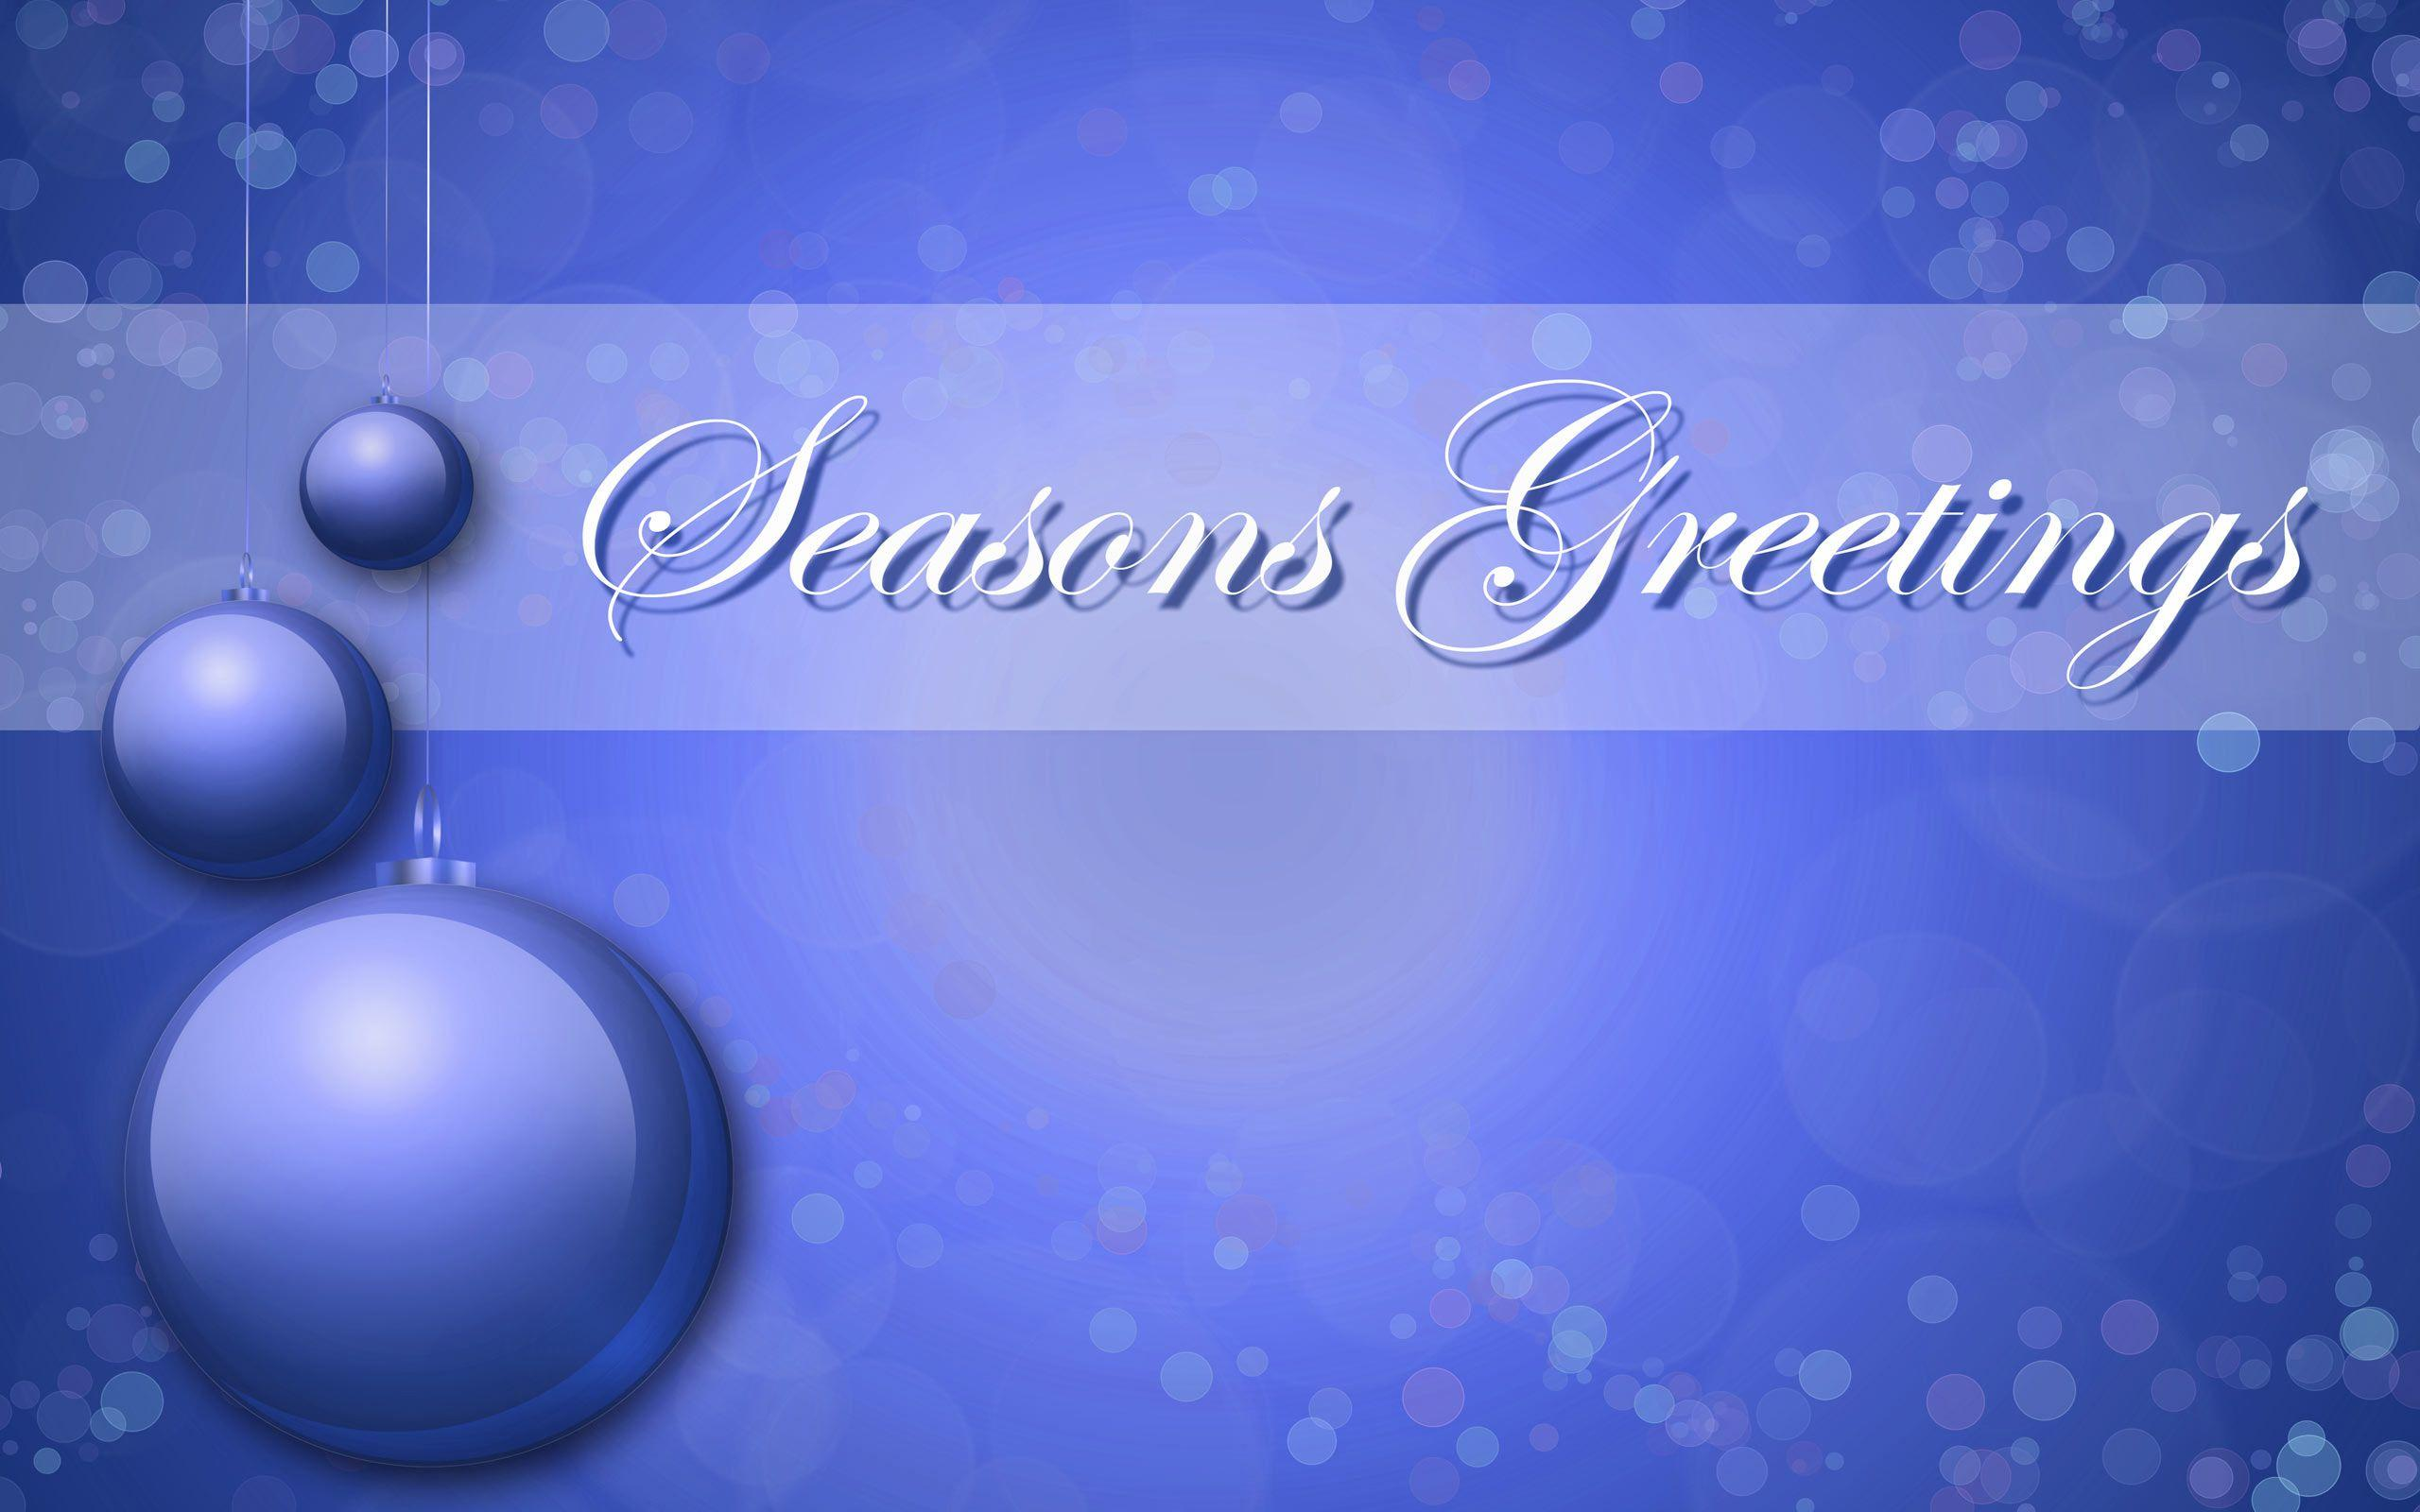 Seasons Greetings Wallpapers -...